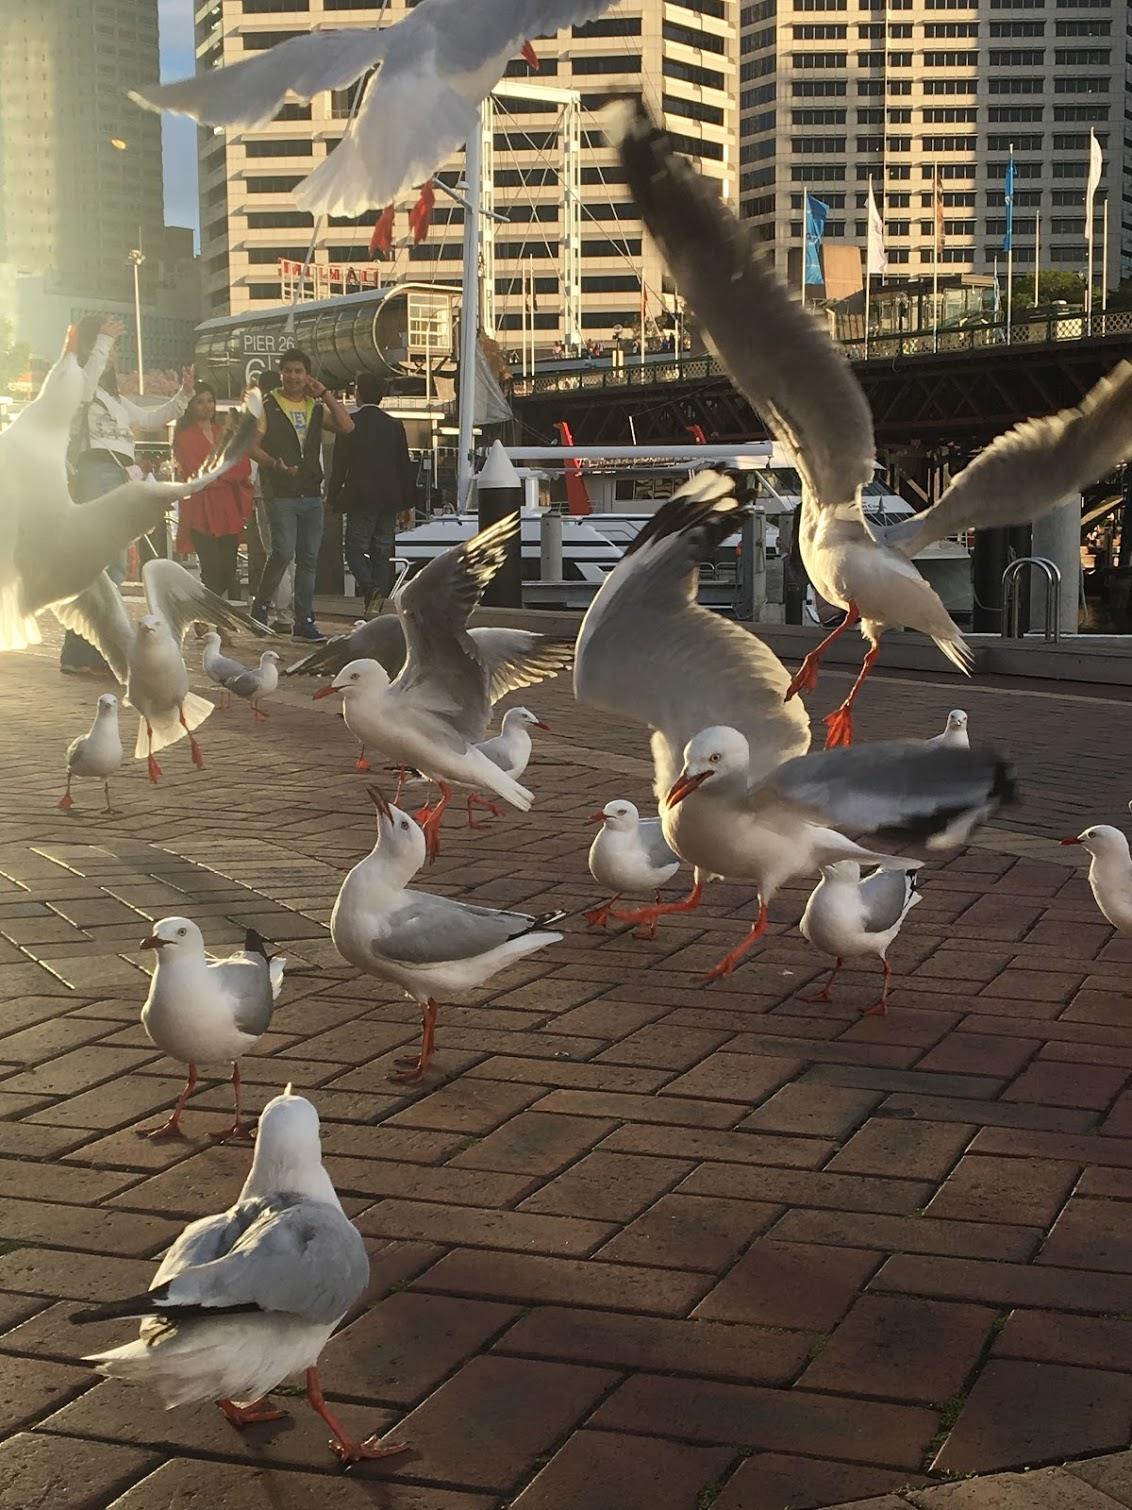 Seagulls in Sydney